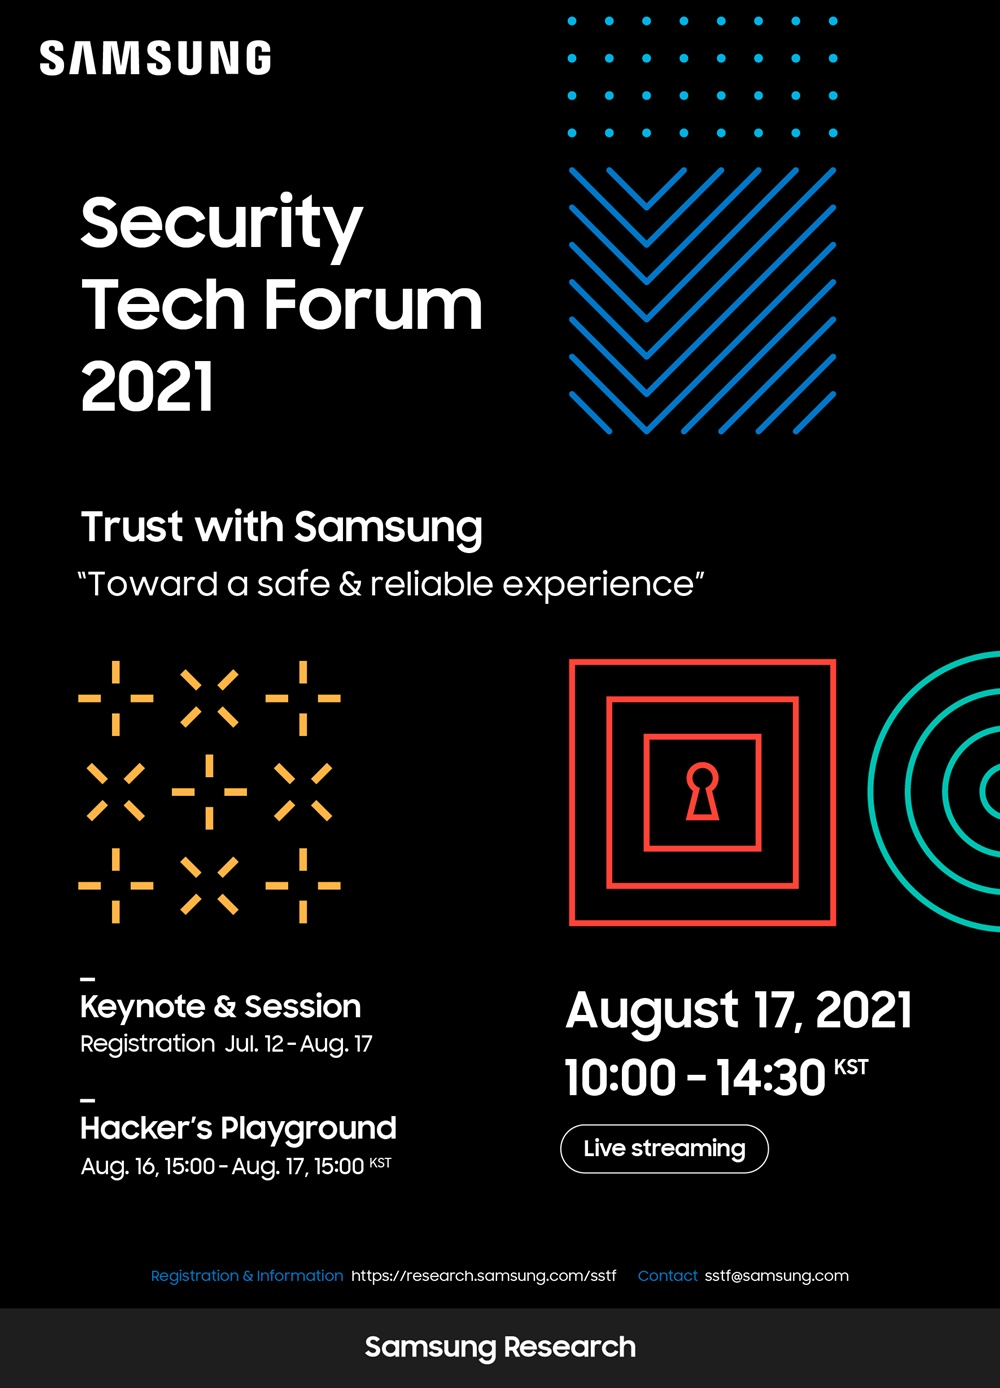 2. 삼성보안기술포럼 2021 포스터(블랙)